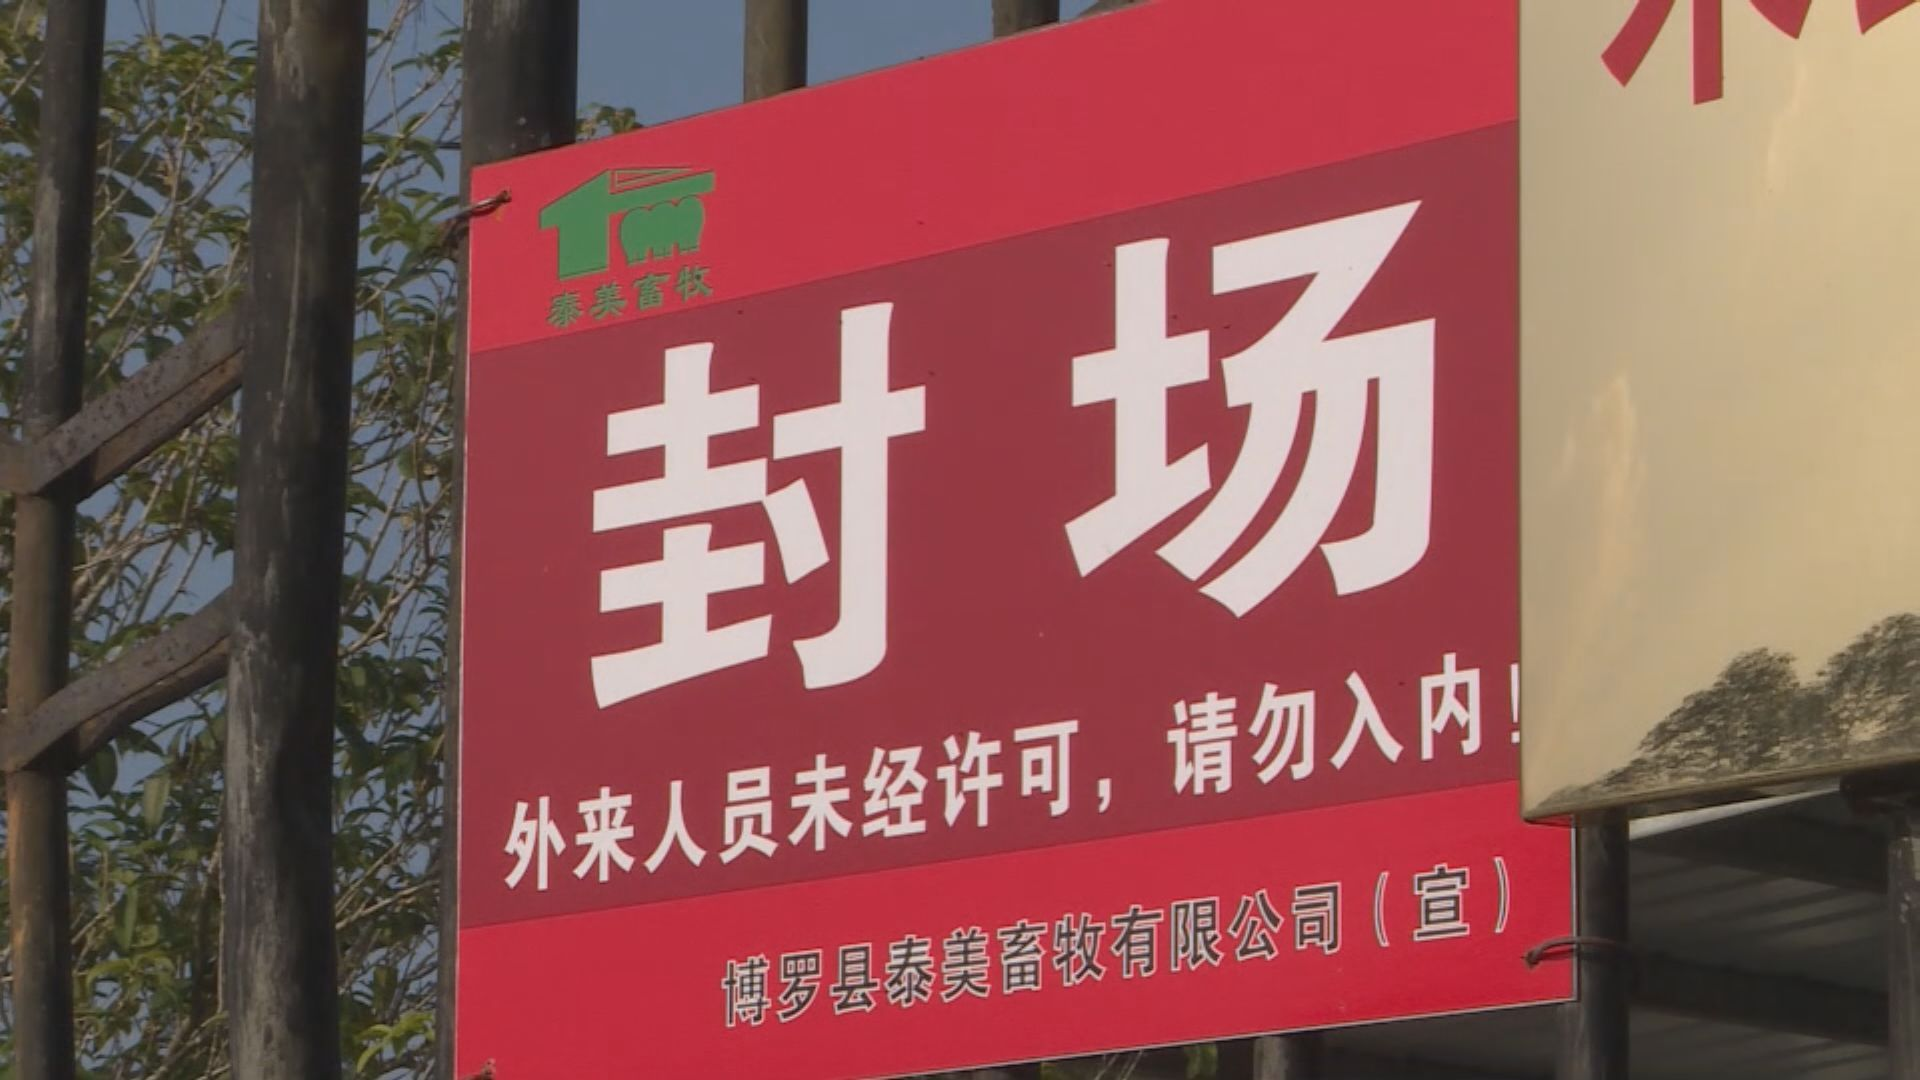 惠州市爆發非洲豬瘟 有養豬戶指損失慘重